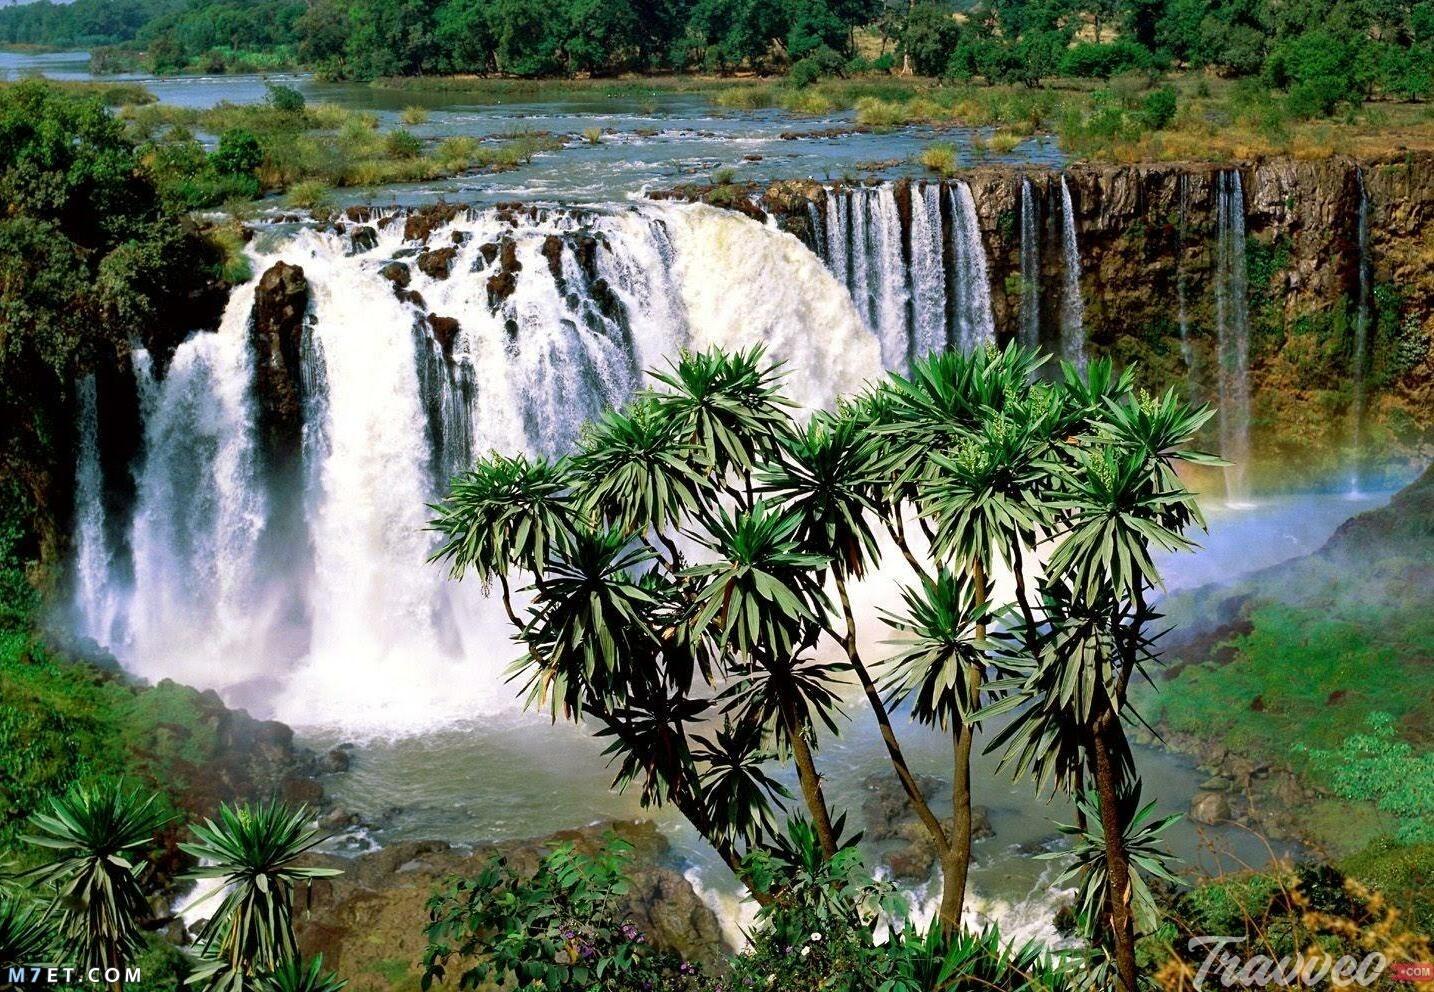 السياحة في إثيوبيا للشباب والمسافرون العرب لعام 2021